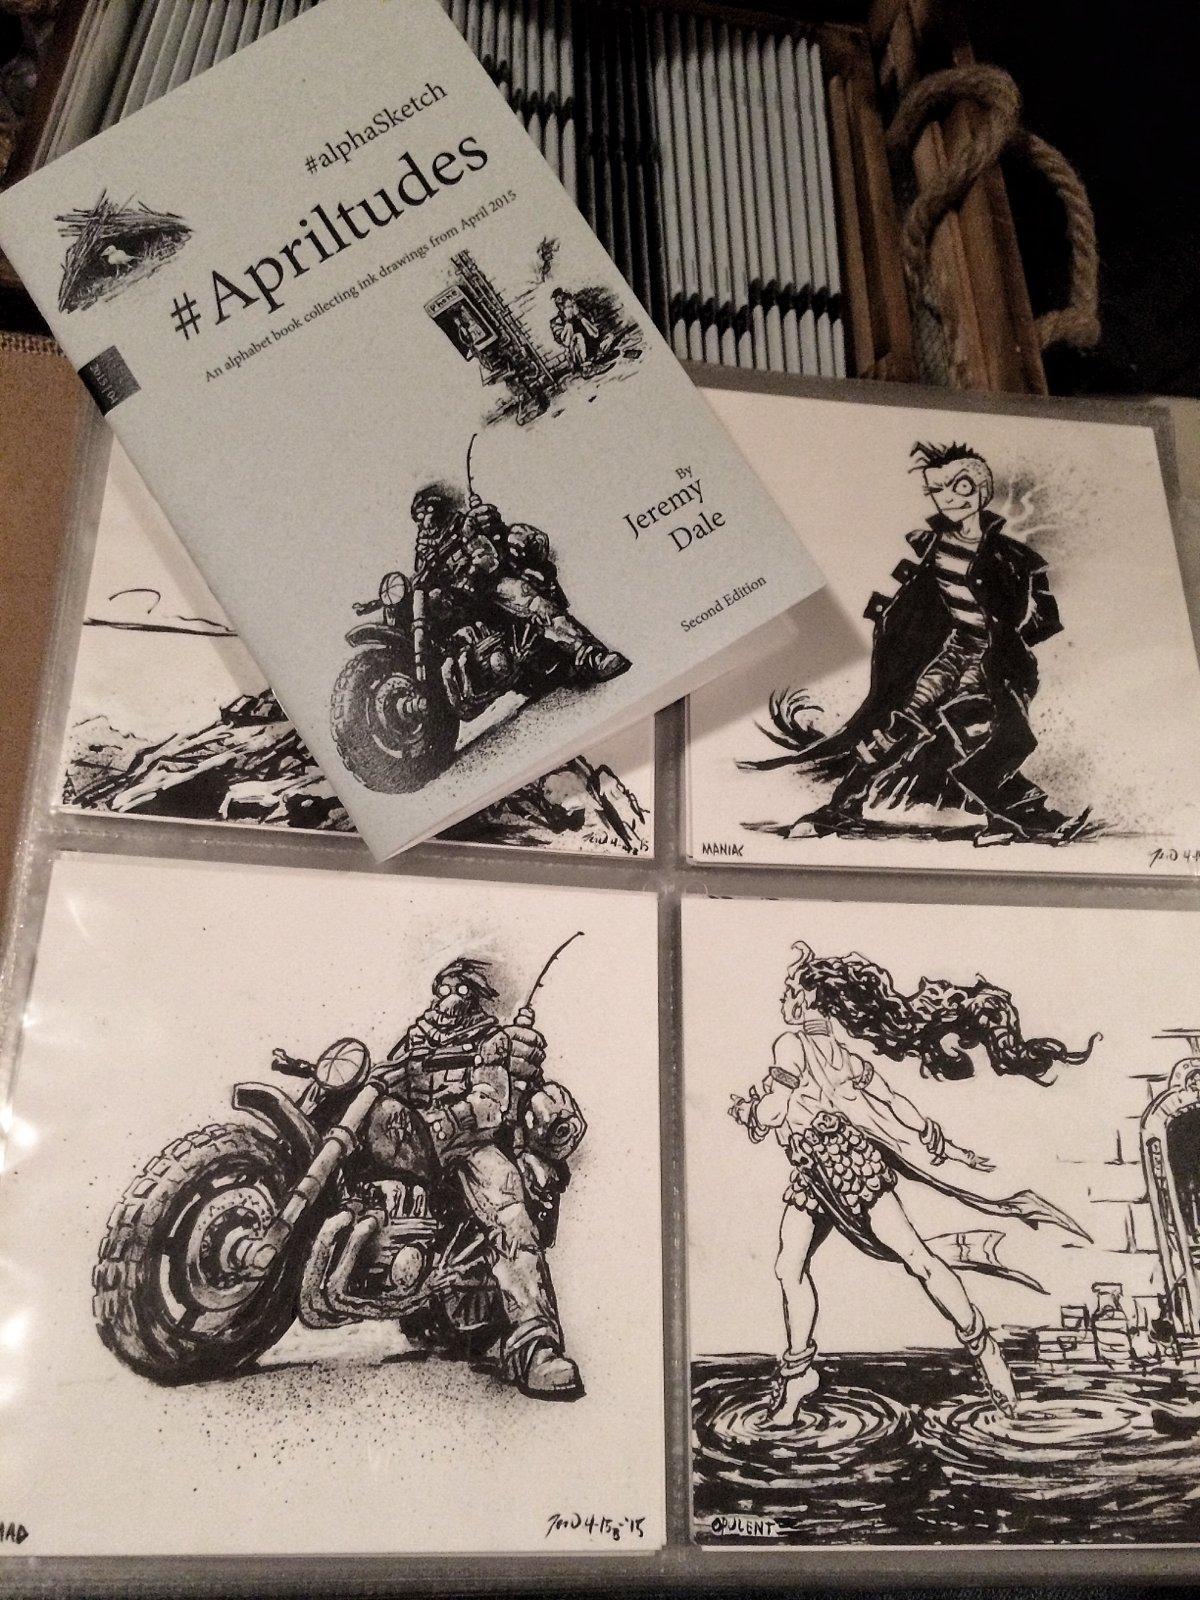 Apriltudes #alphaSketch Books/Originals